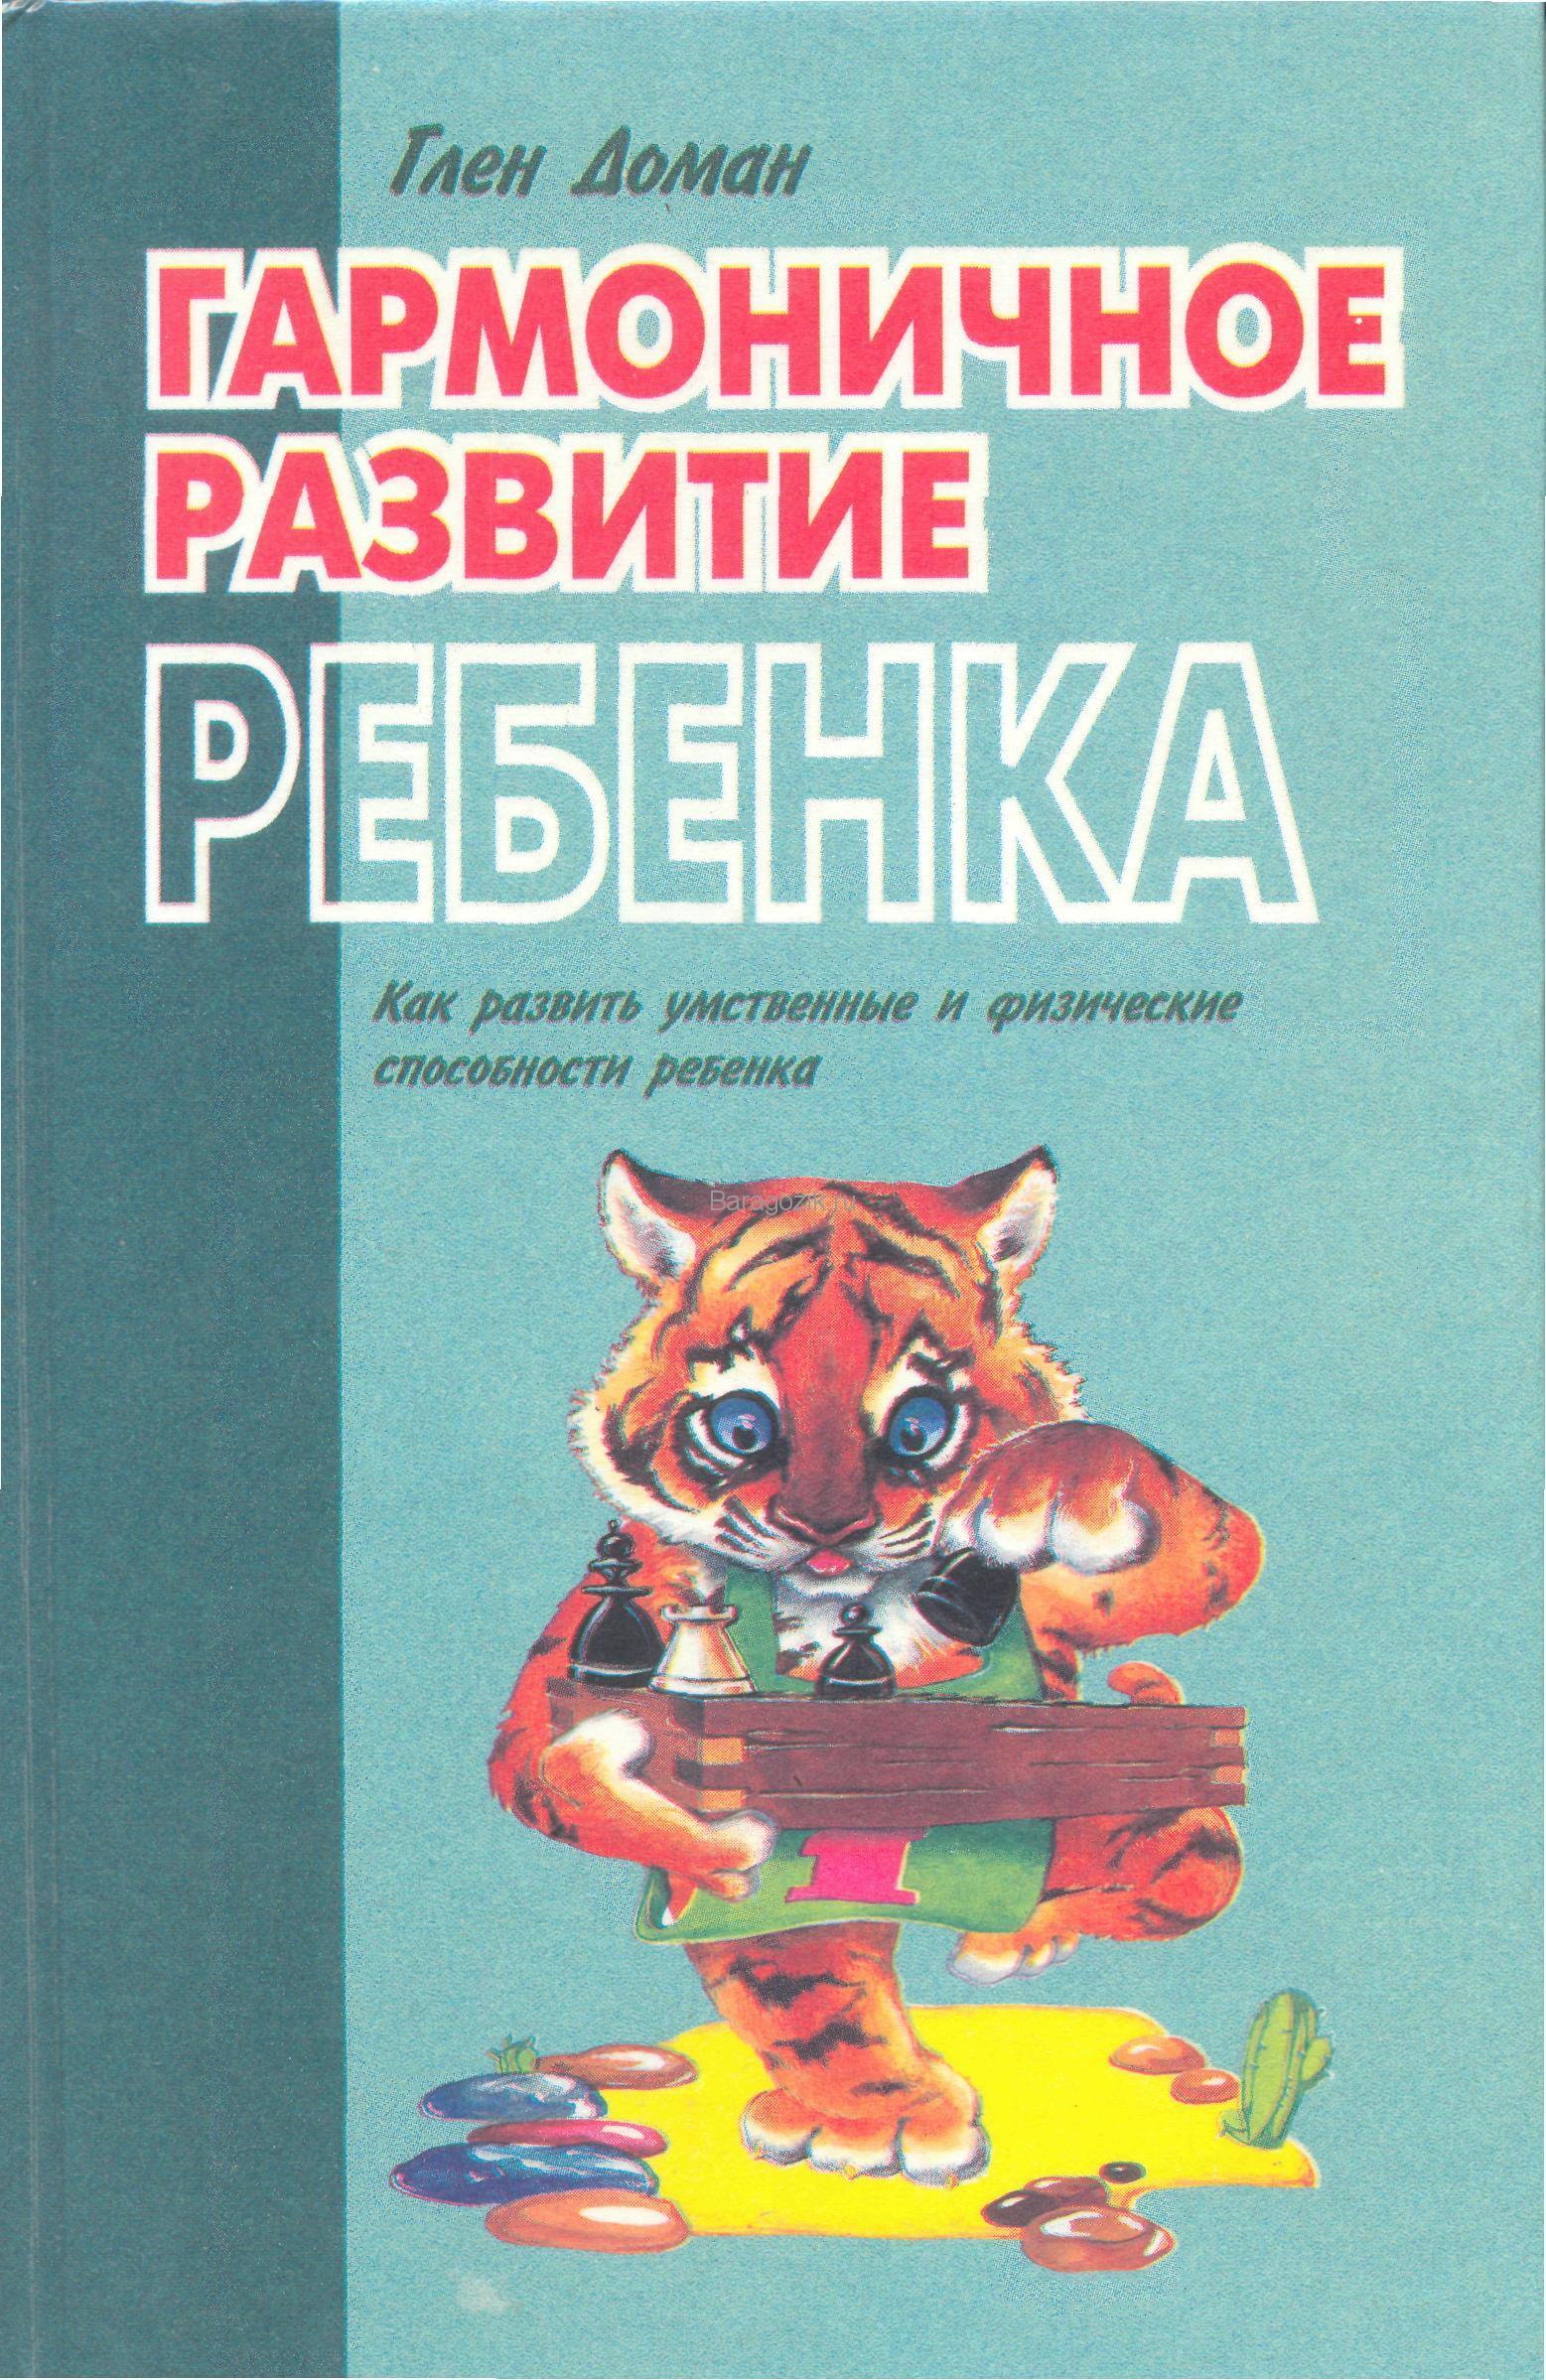 Скачать бесплатно книгу гармоничное развитие ребенка